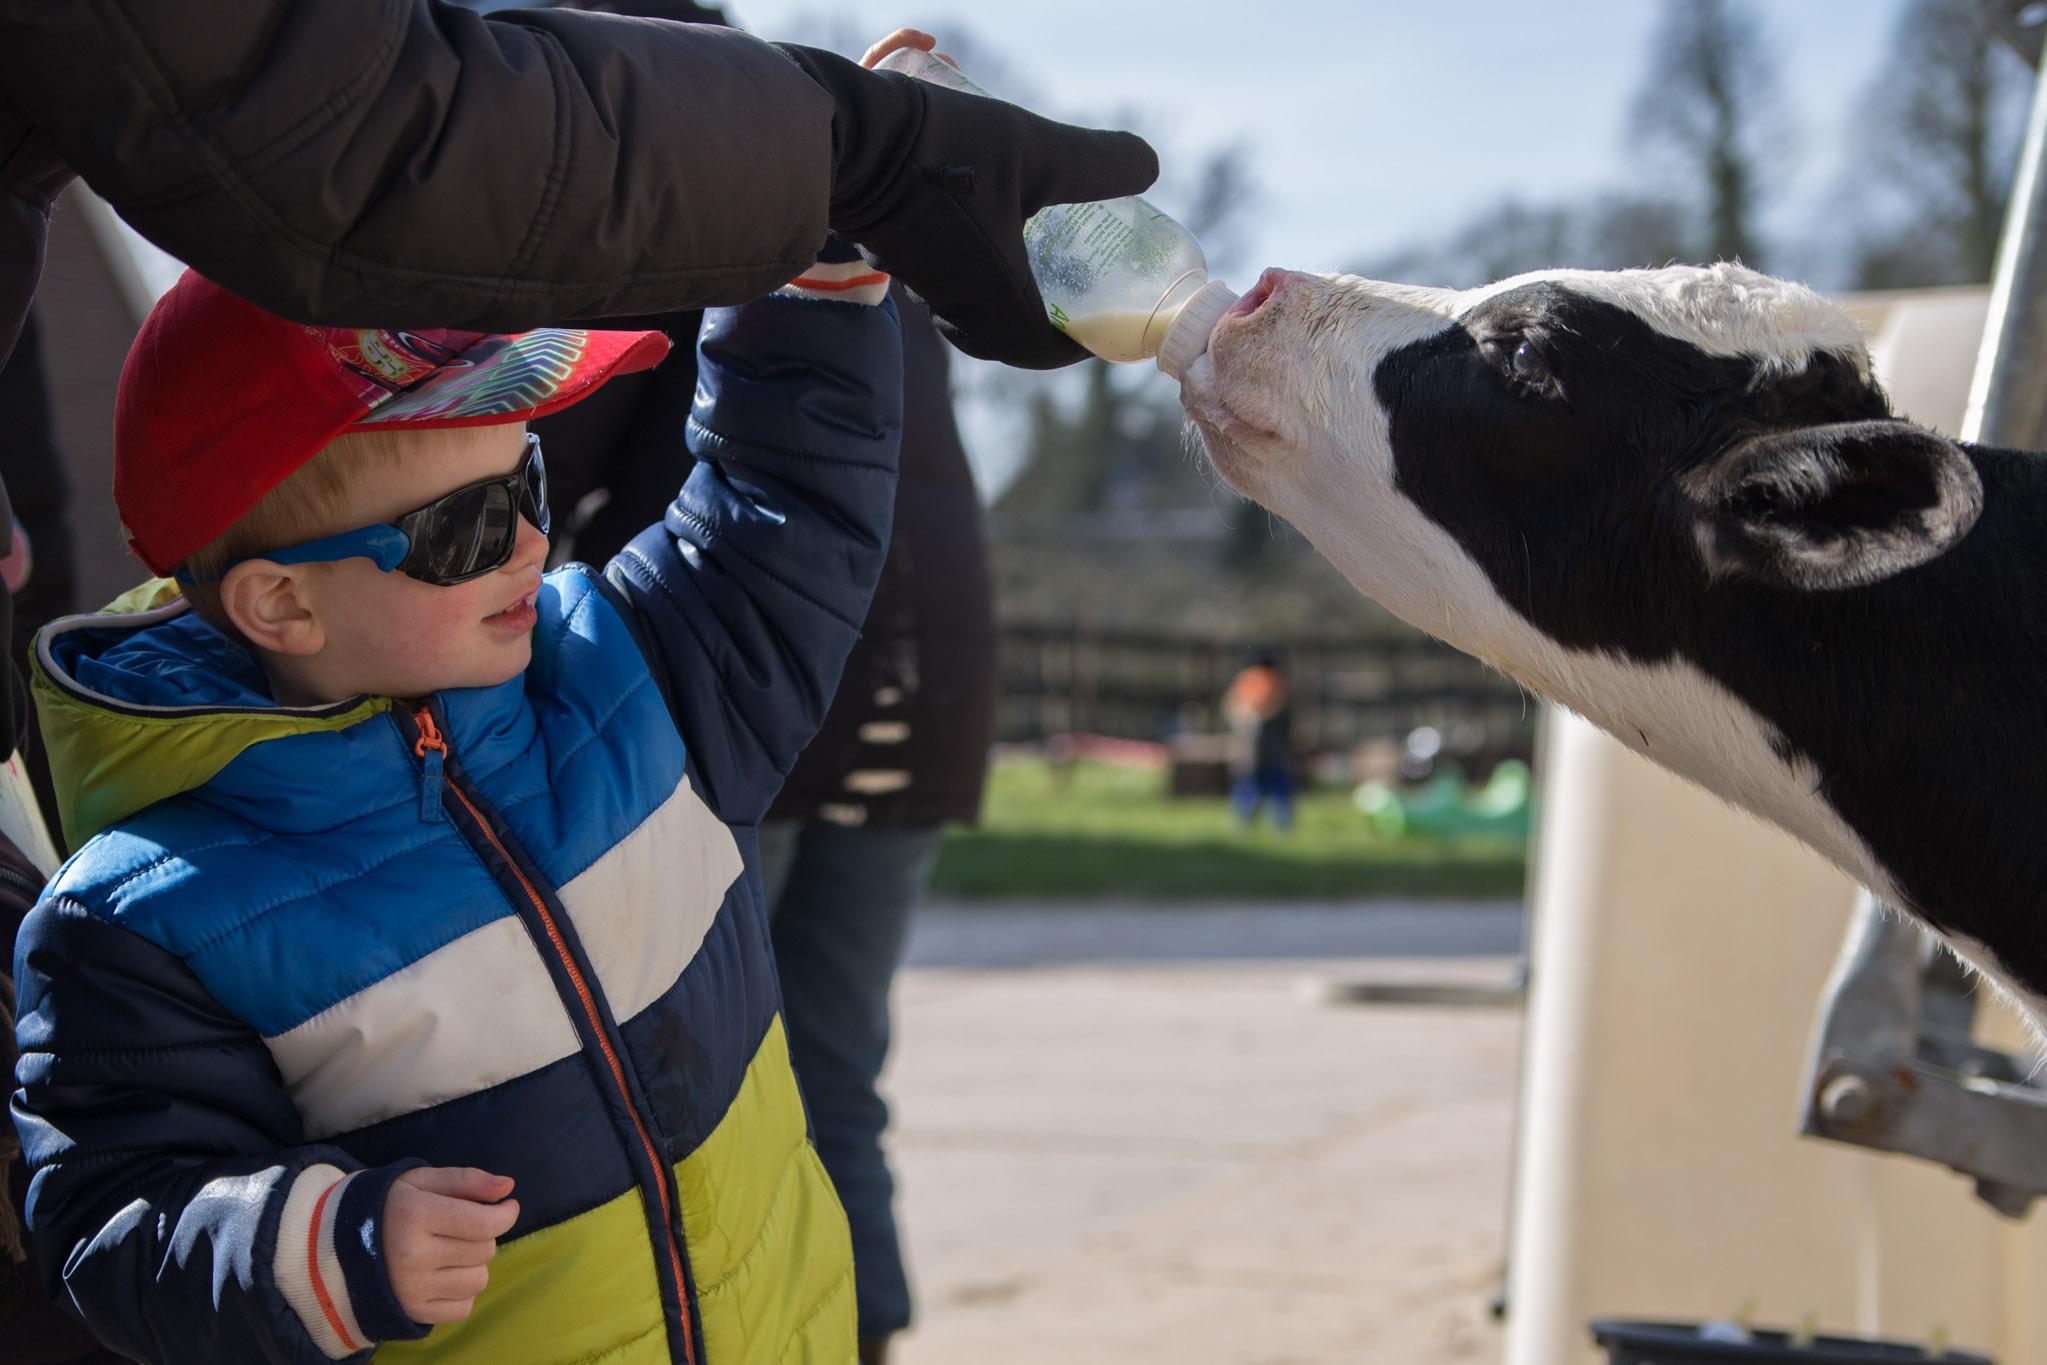 boerderij De Zonnewijzer Open dag kalf melk geven